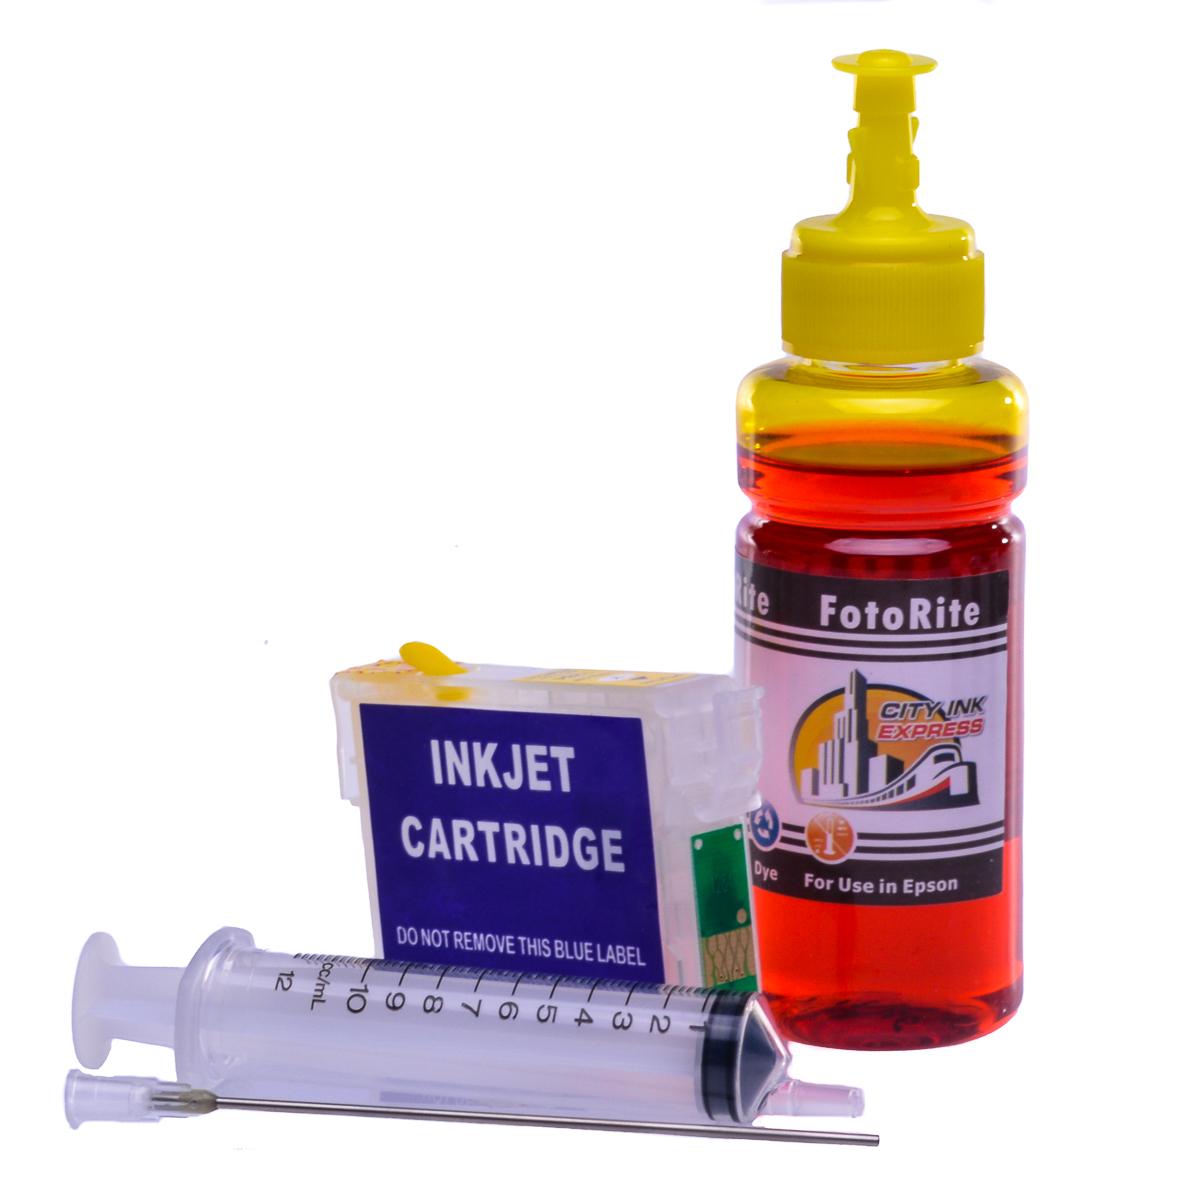 Refillable T2984 Yellow Cheap printer cartridges for Epson XP-335 C13T29844010 dye ink